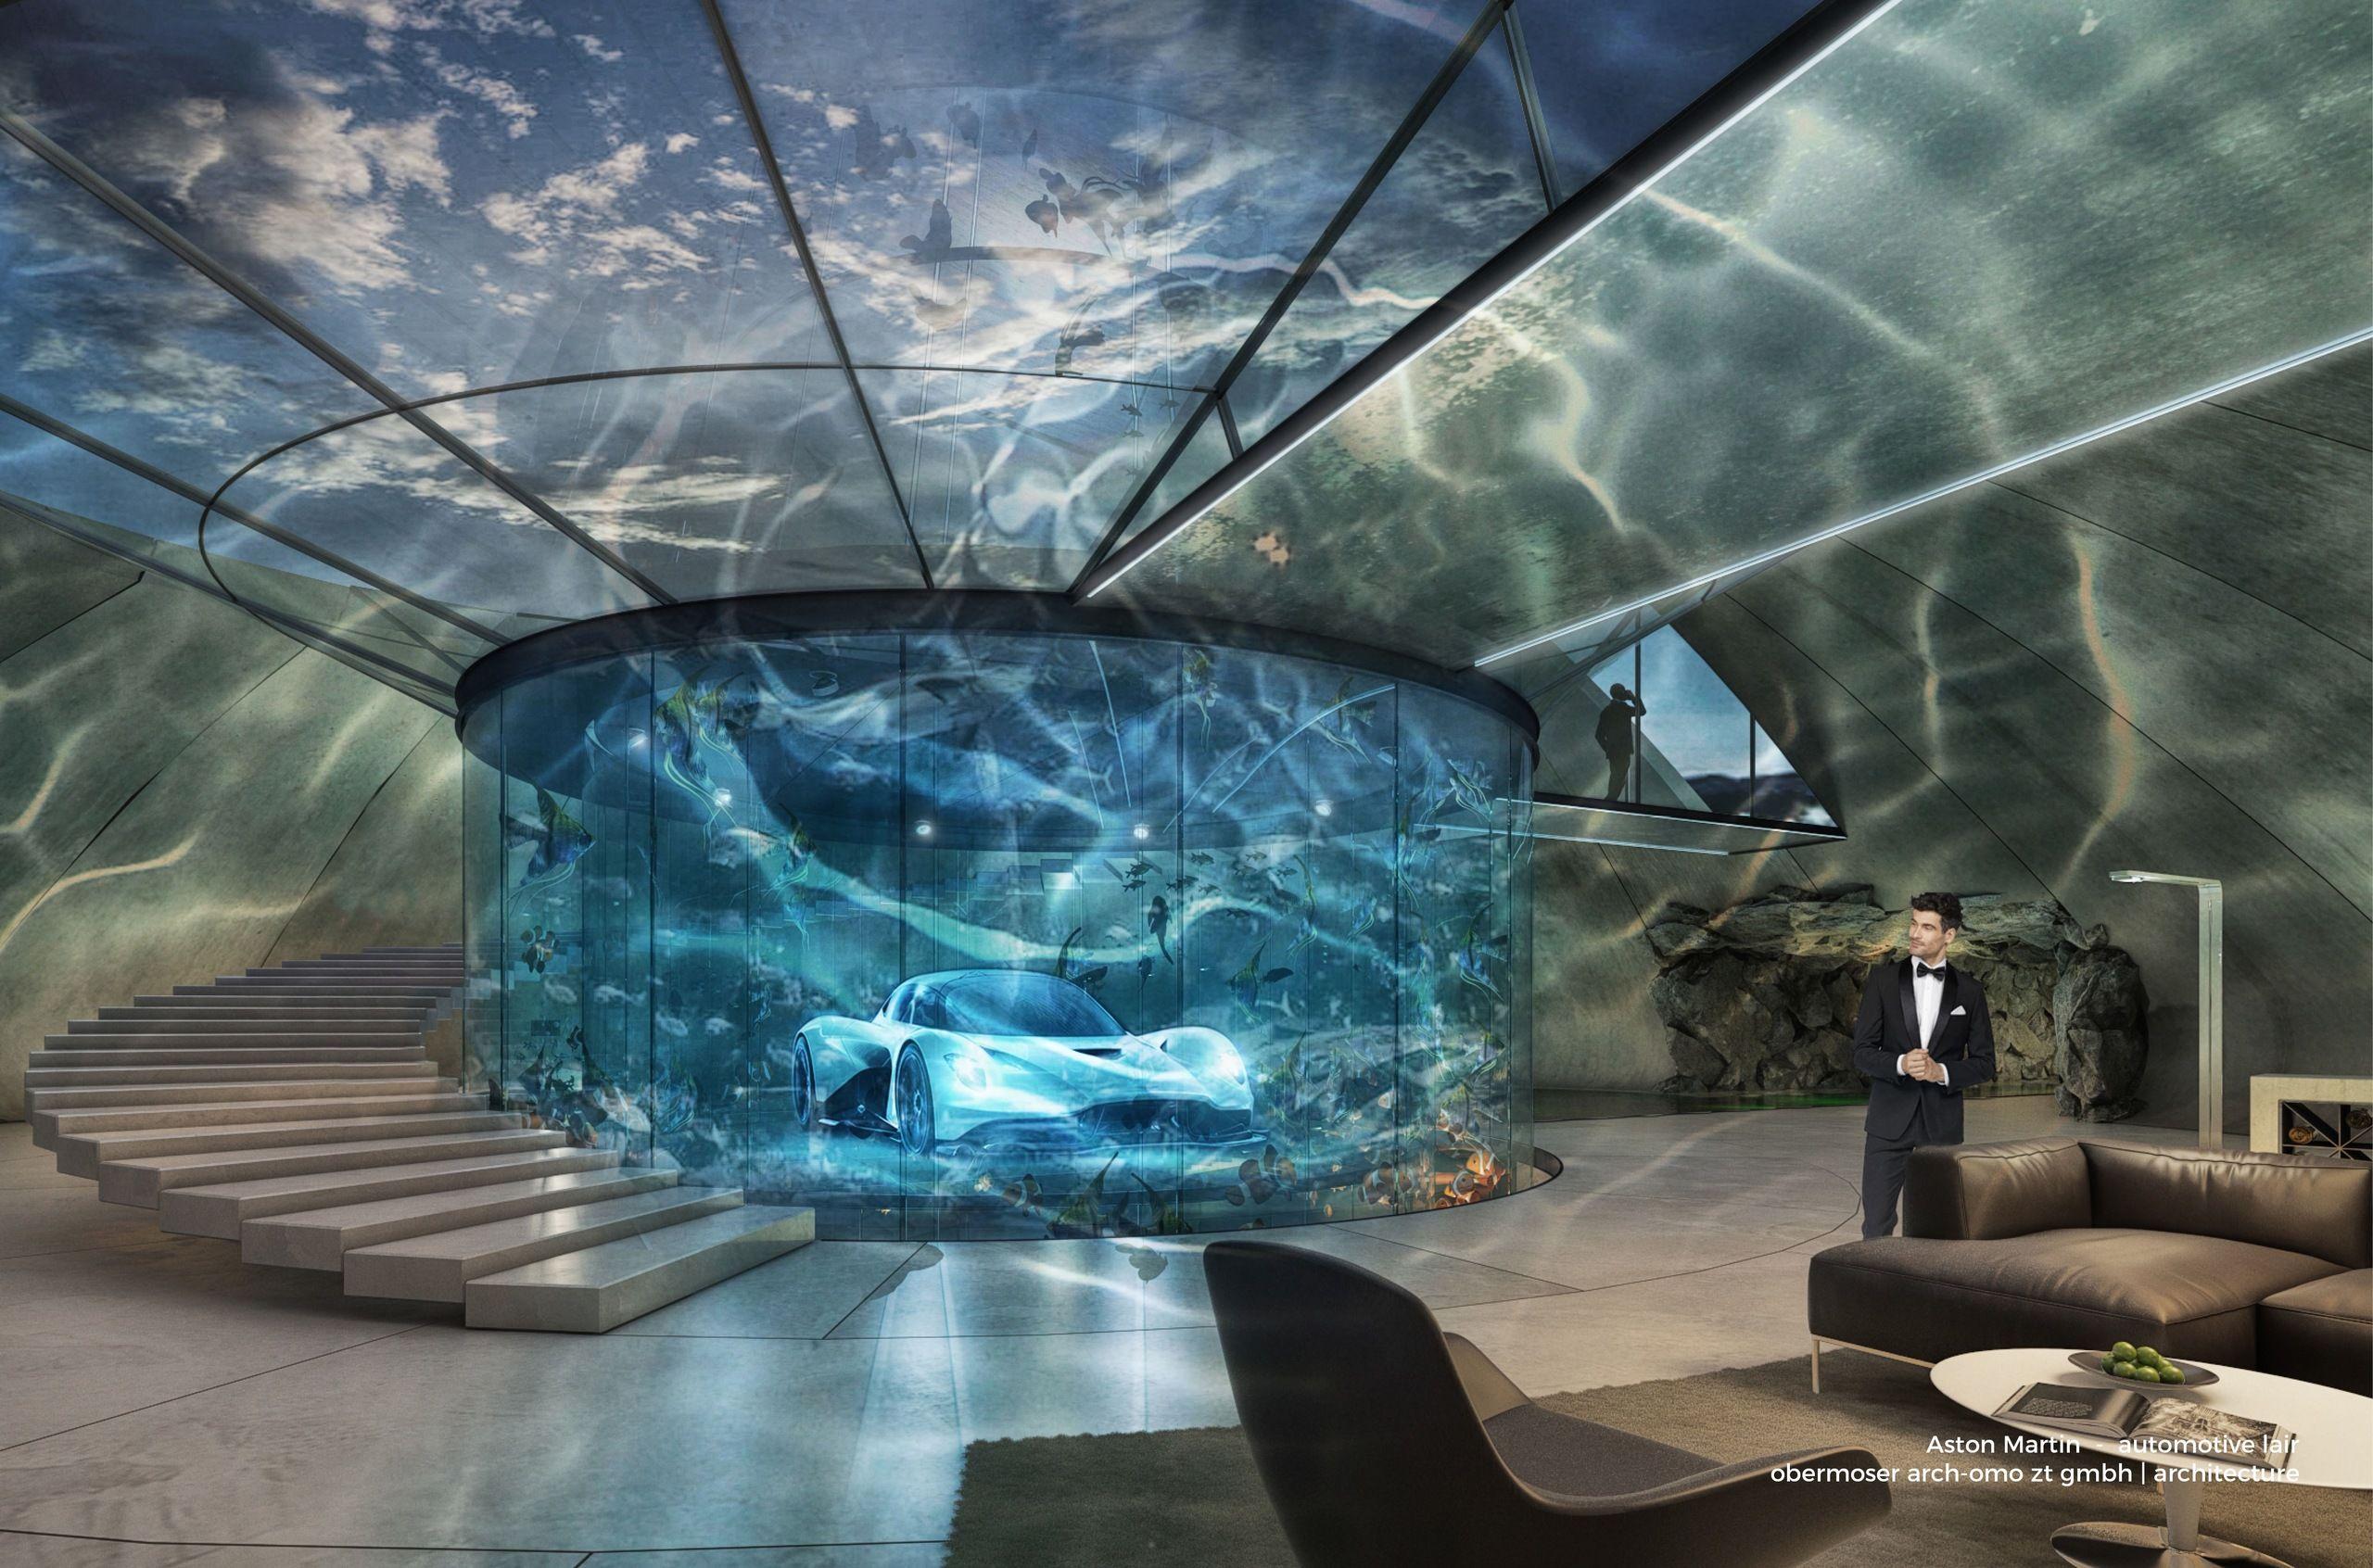 Aston Martin пропонує покупцям своїх машин дизайнерські гаражі